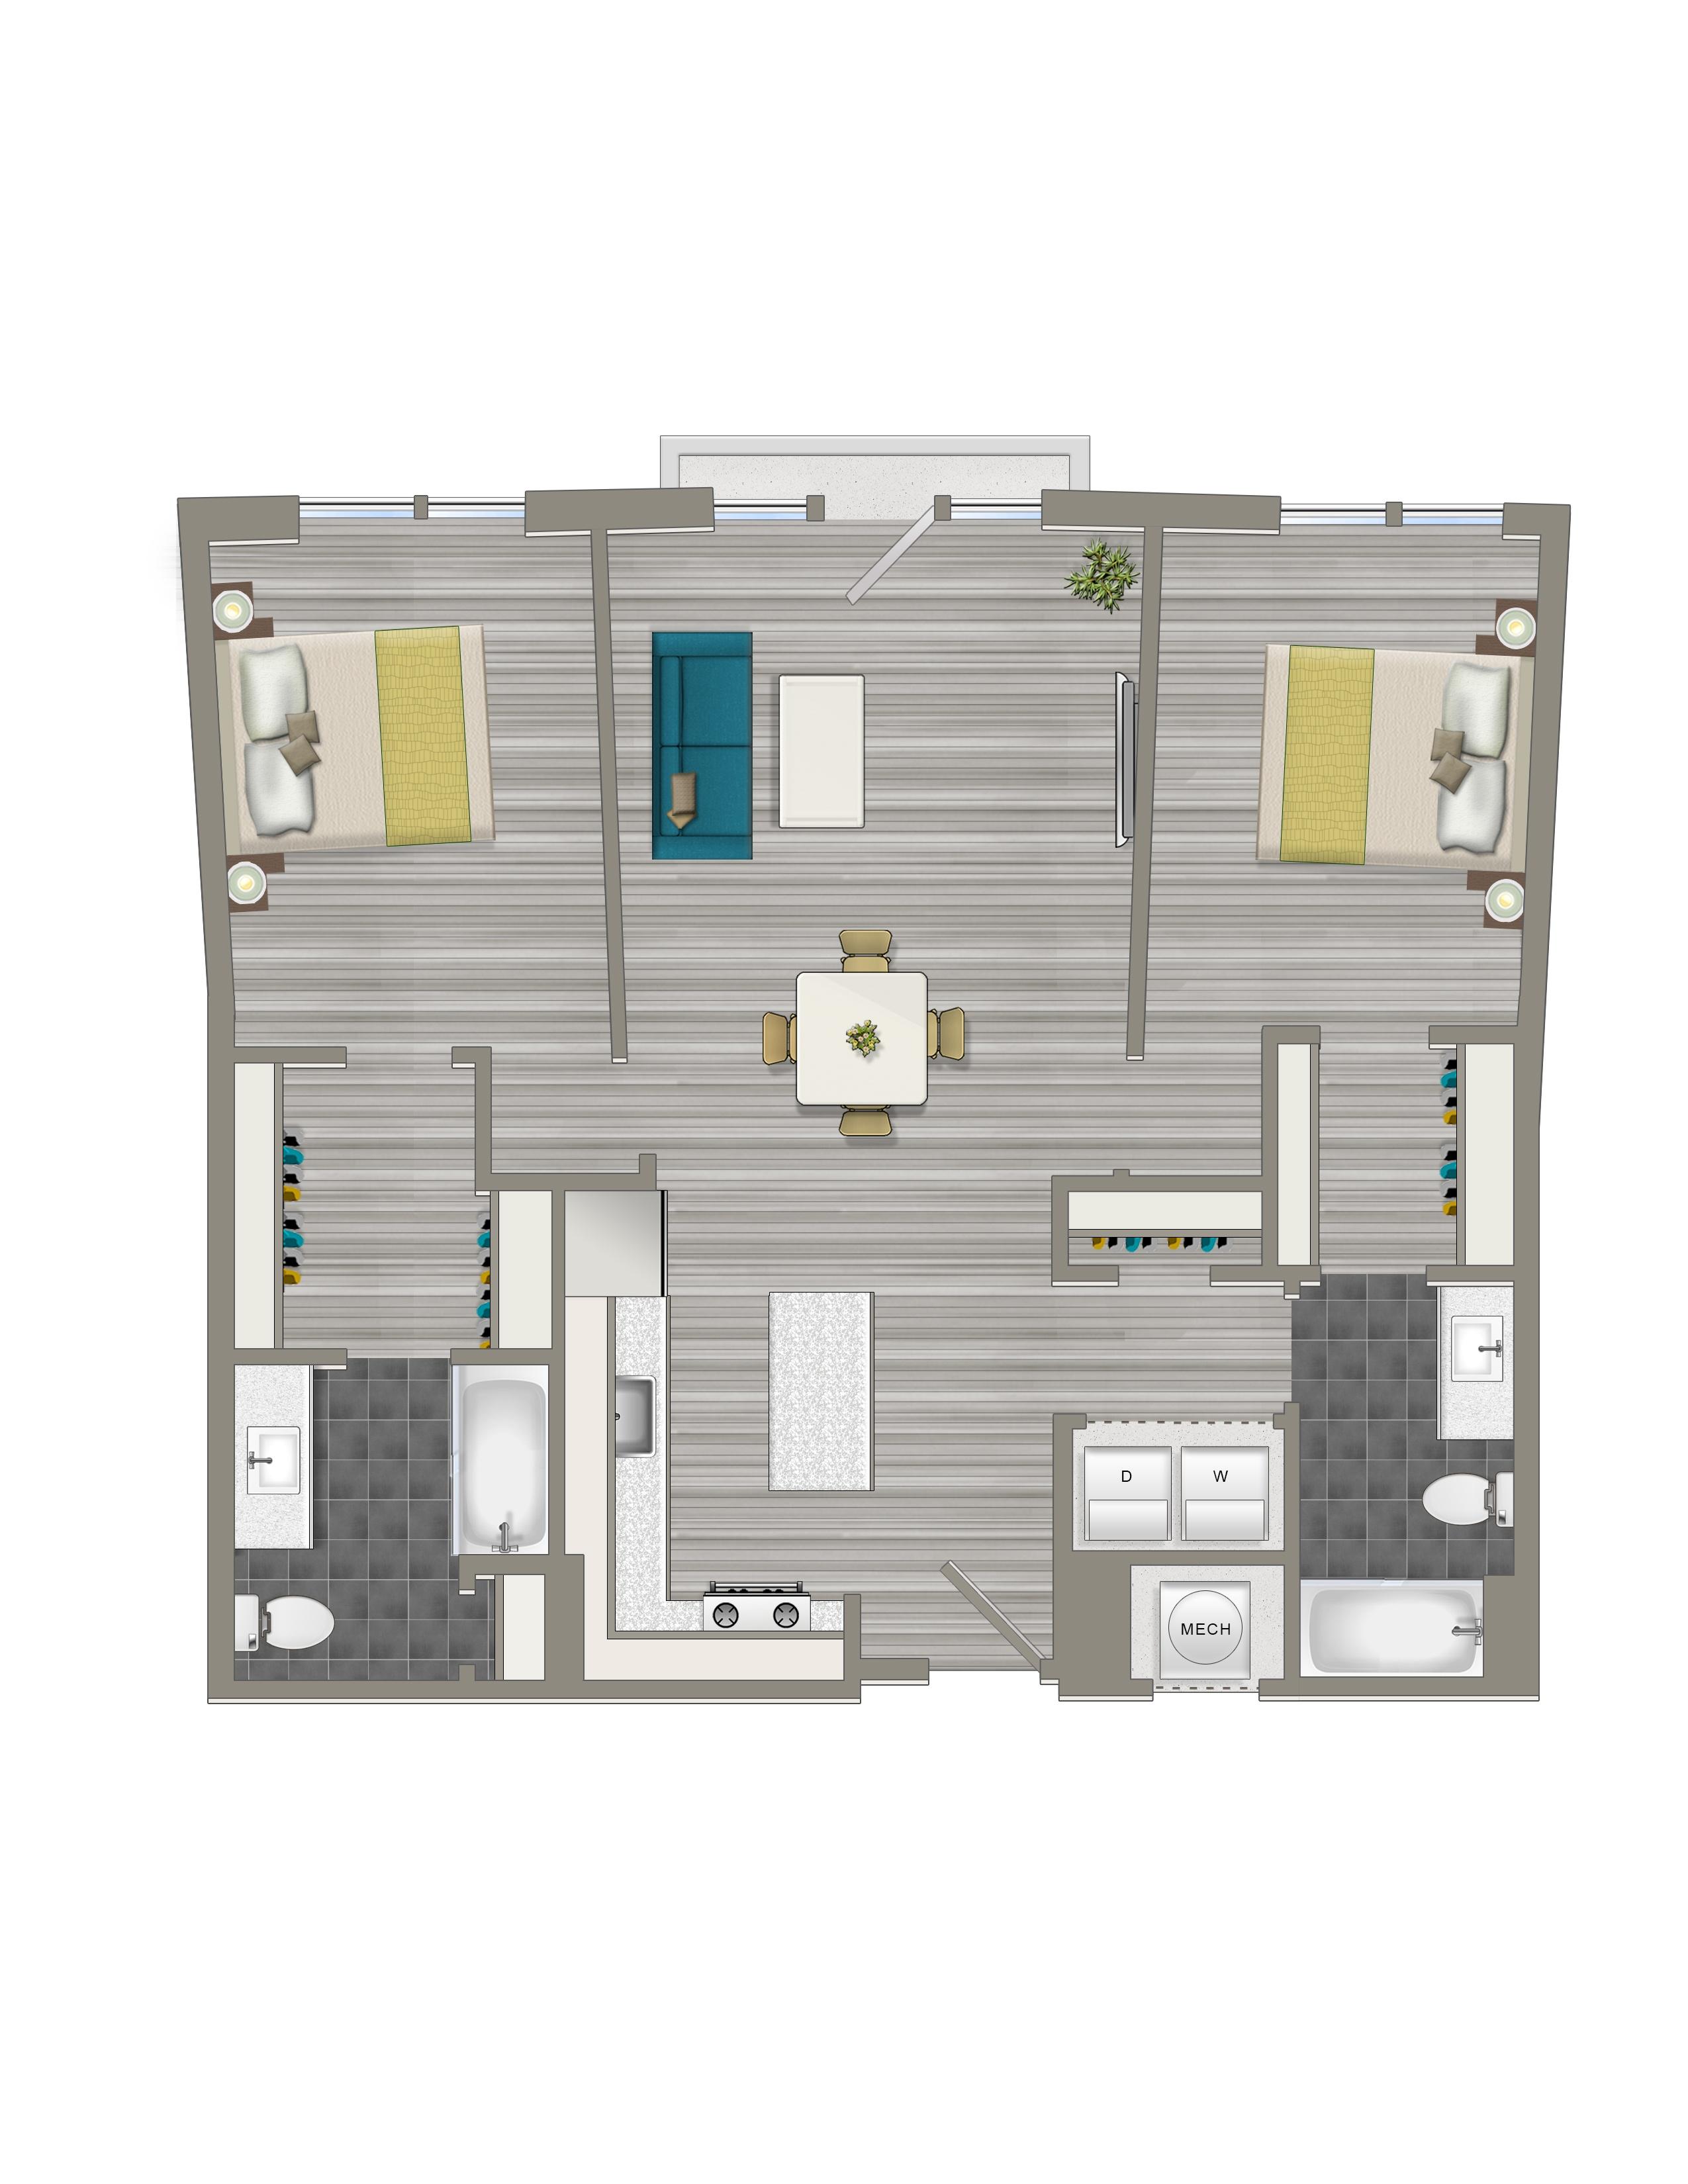 2-C - Crest Apartments